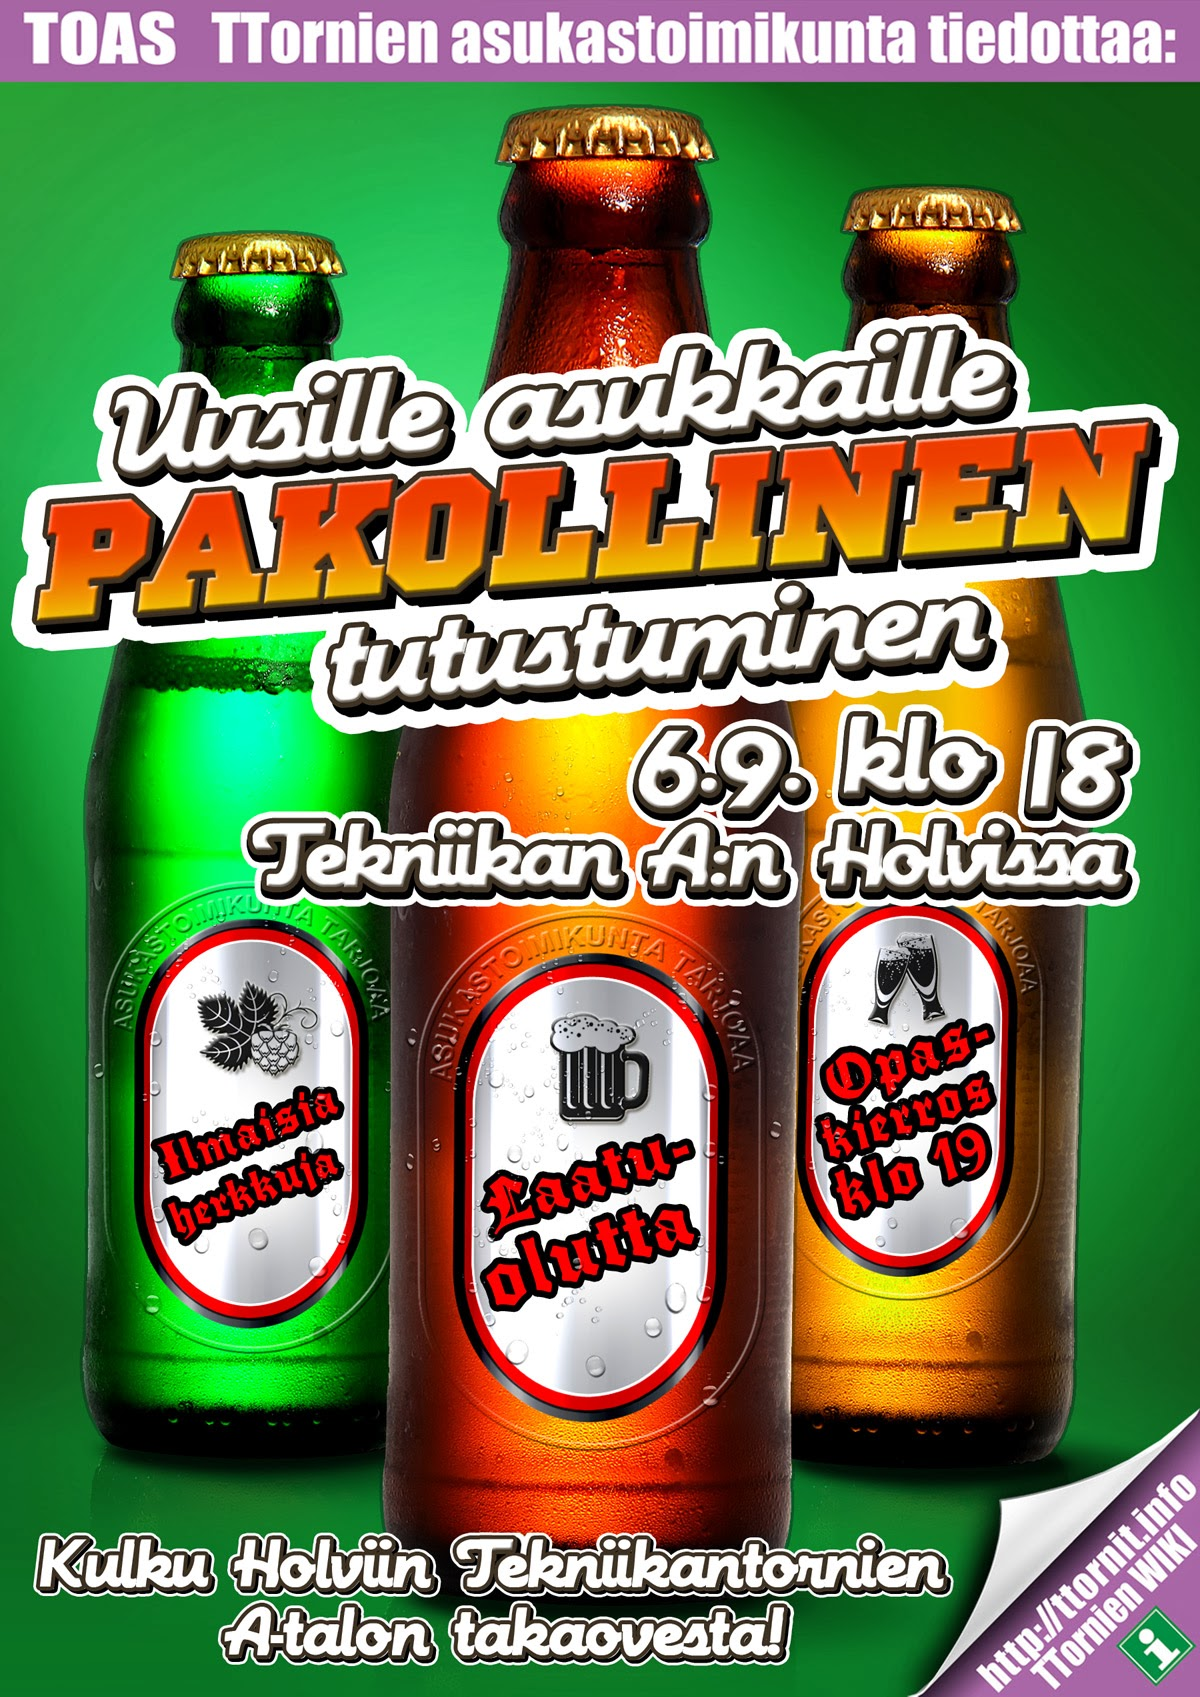 2013:pakollinen-2013.jpg